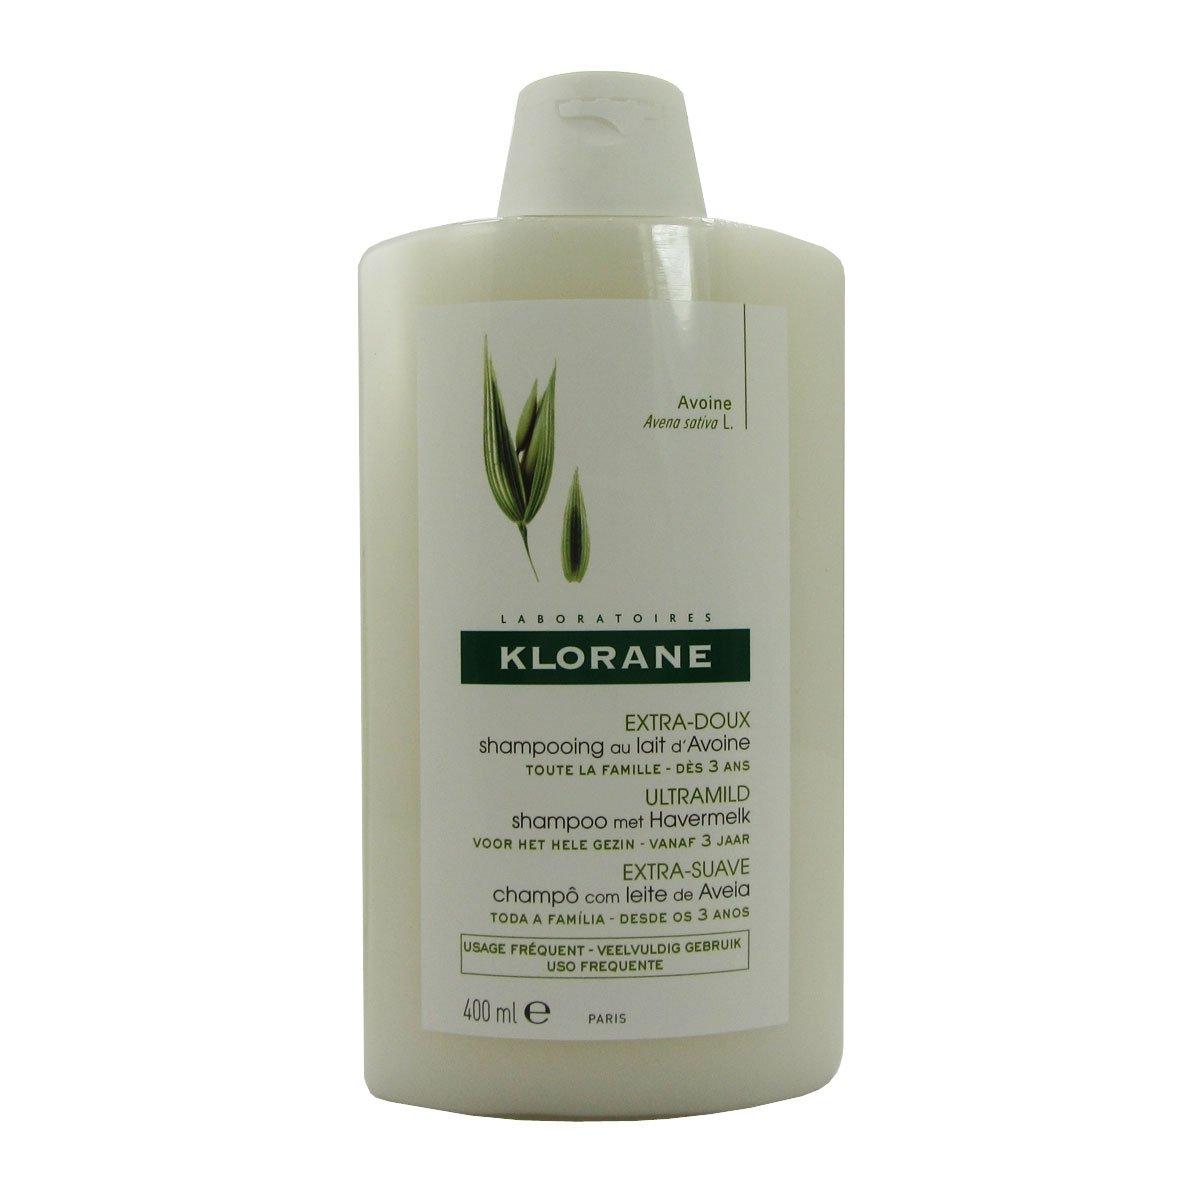 Klorane pelo Linea Leche de Avena Protección para desenredar Shampoo 400 ml: Amazon.es: Belleza